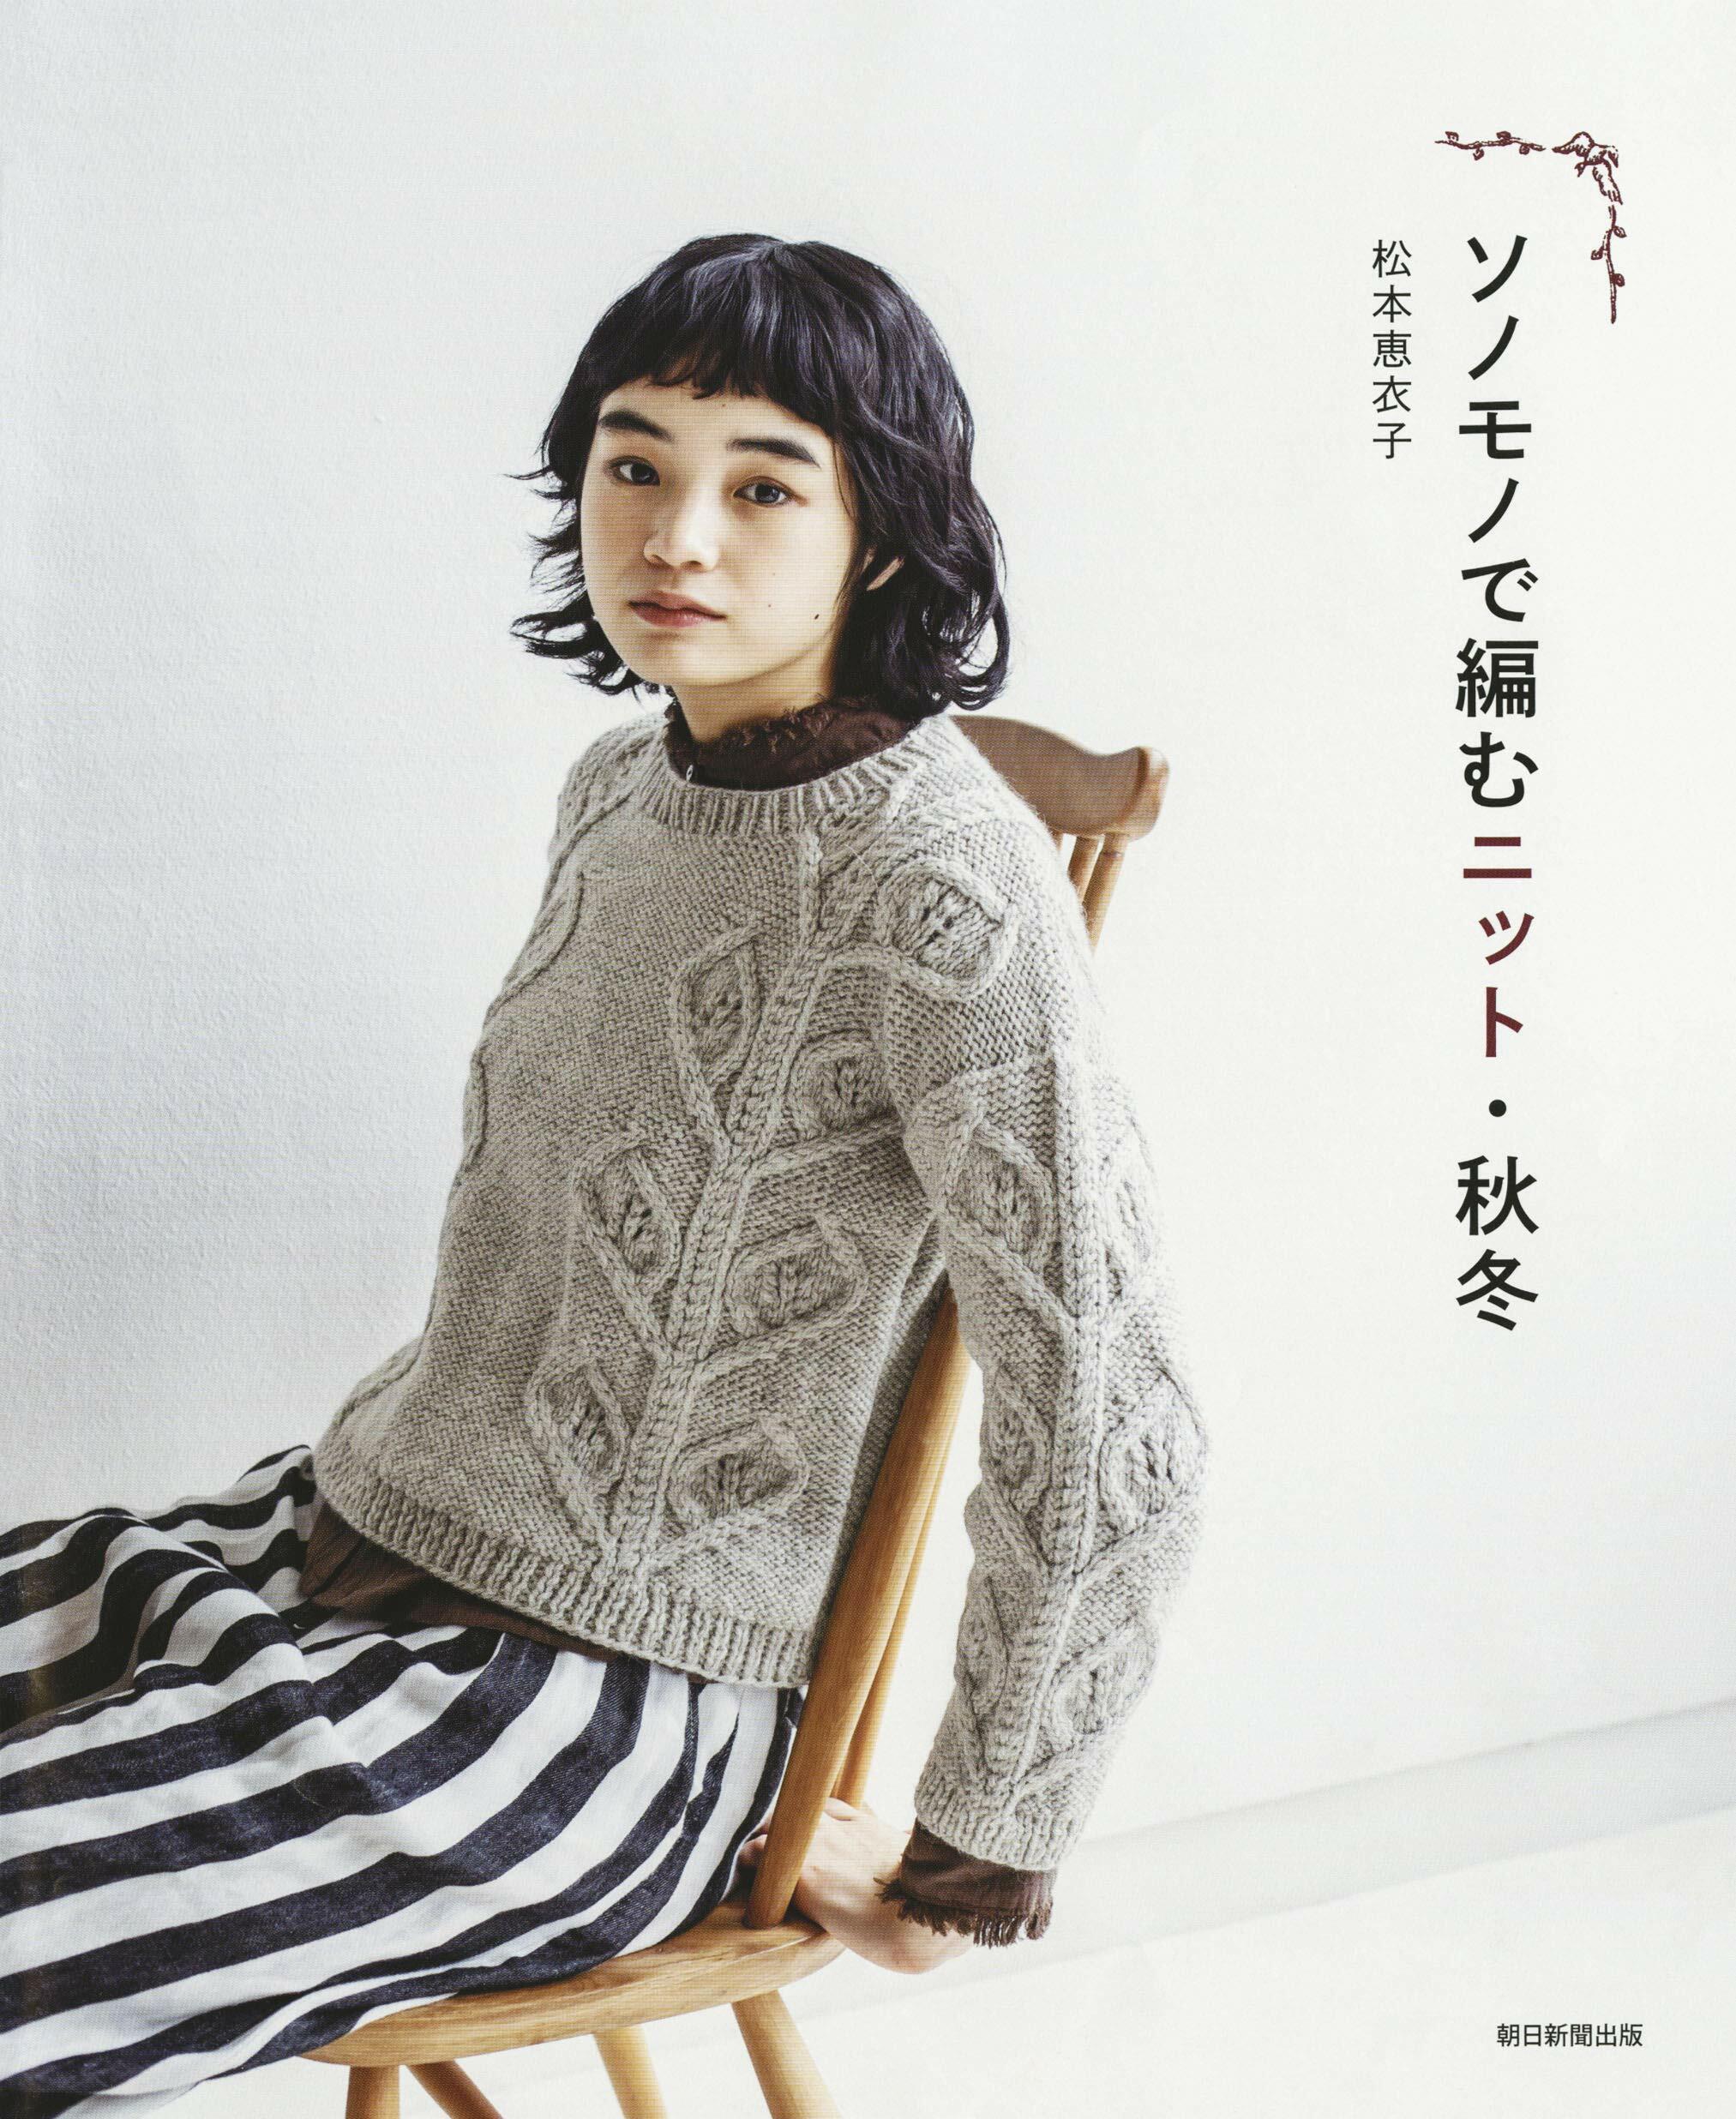 ソノモノで編む、冬の編み物 2